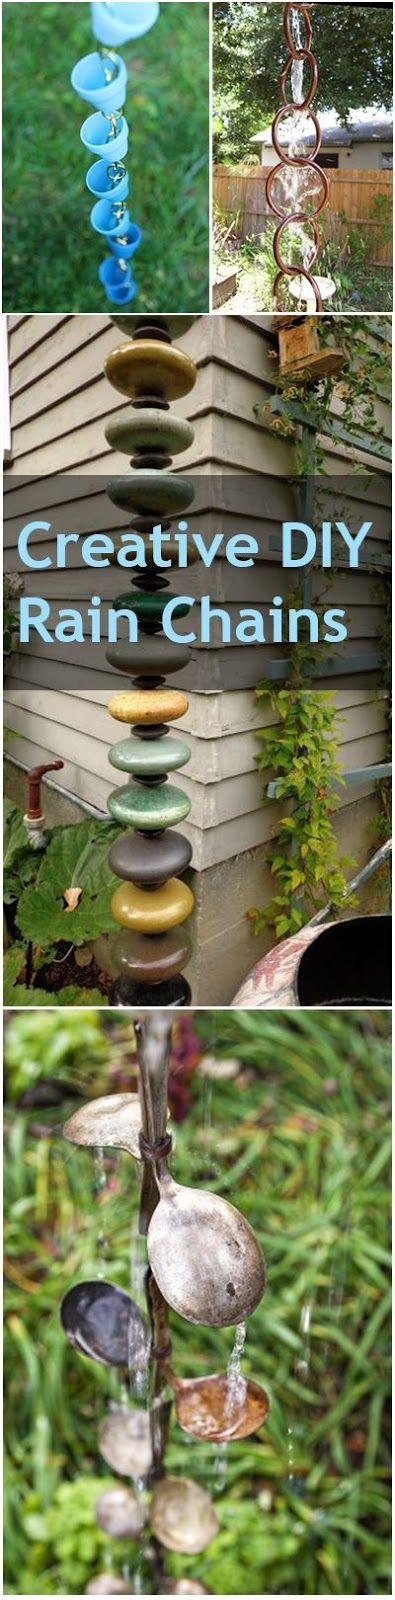 Creative DIY Rain Chains More 10 Creative